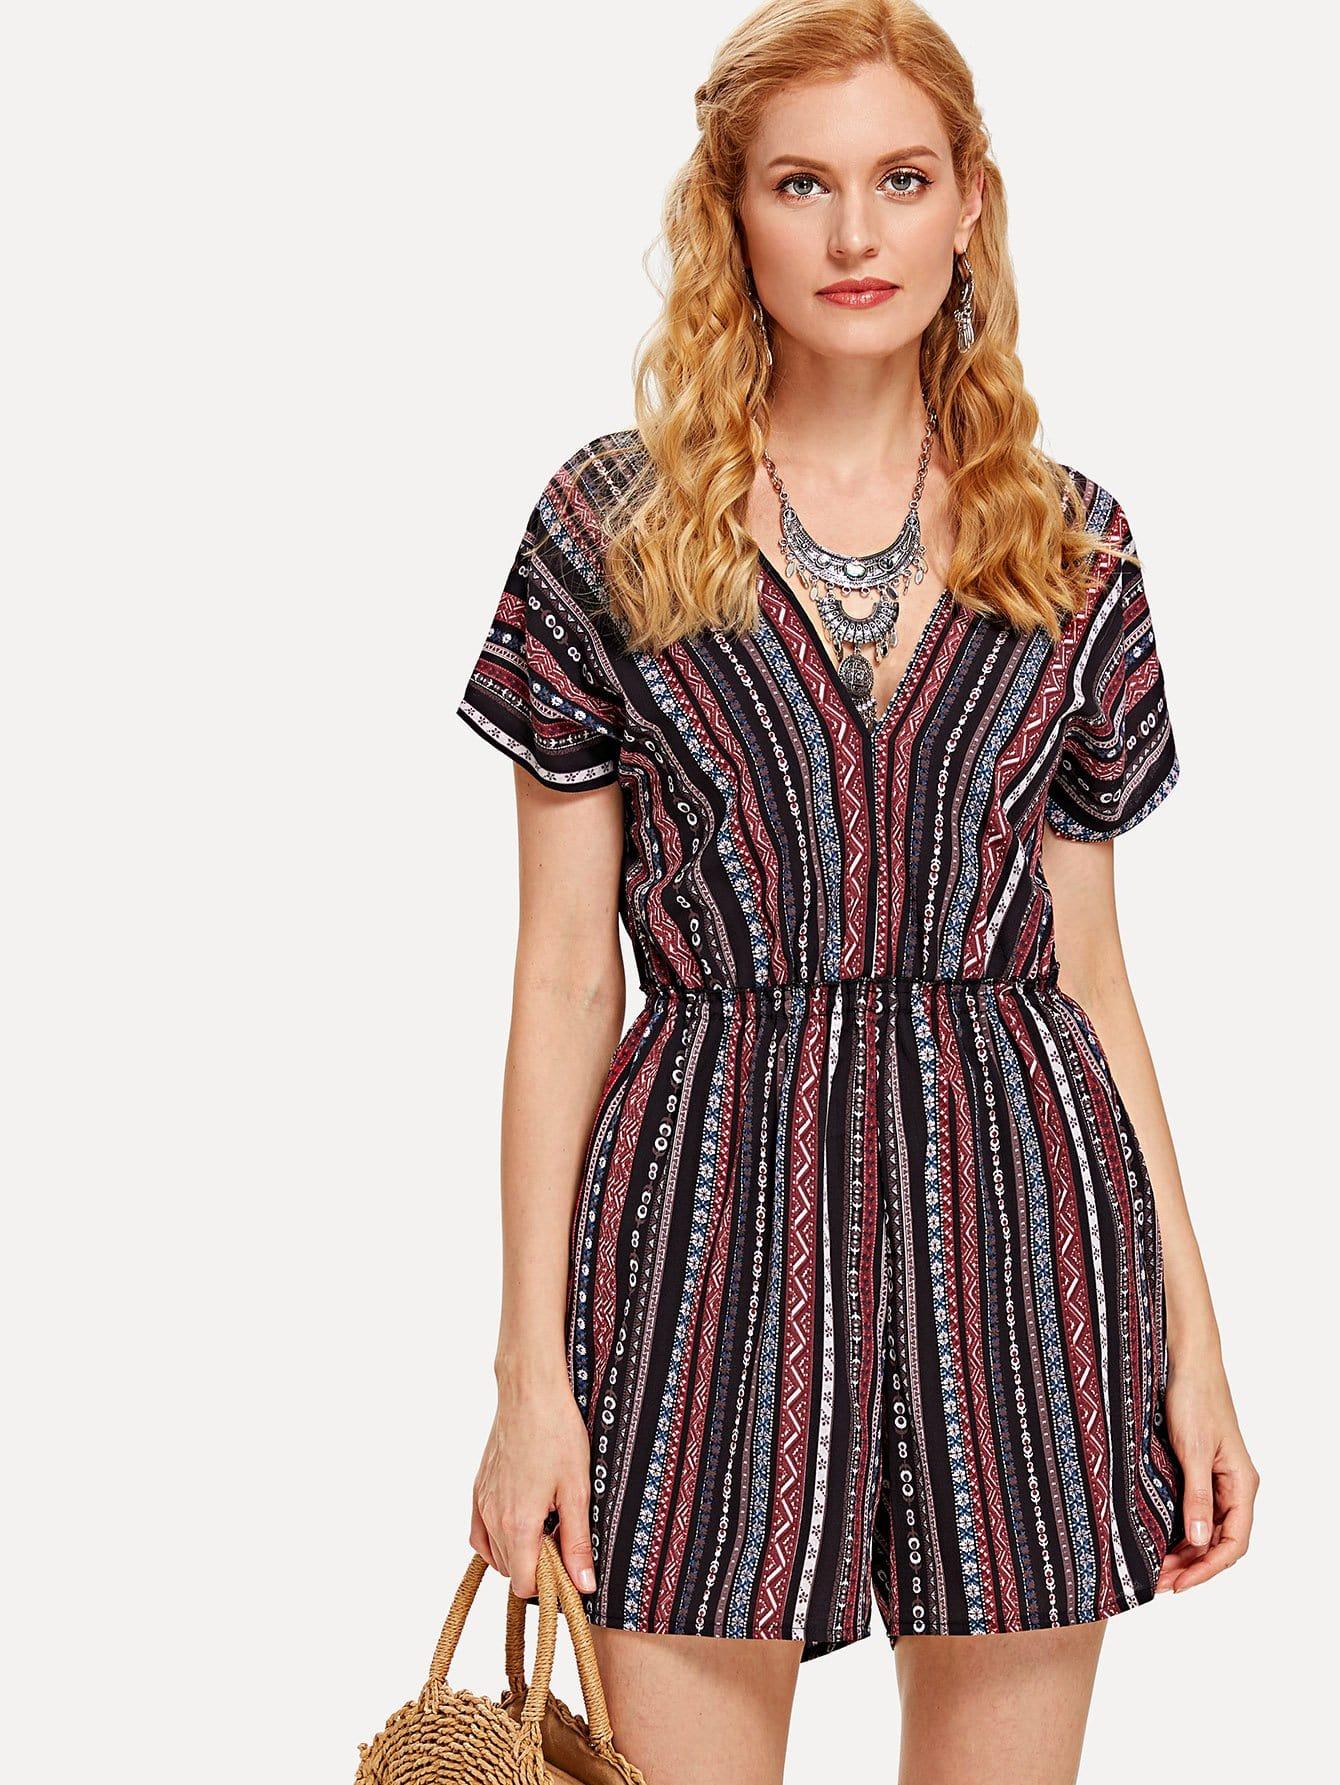 Contrast Striped V Neckline Jumpsuit v neckline contrast floral print striped tee